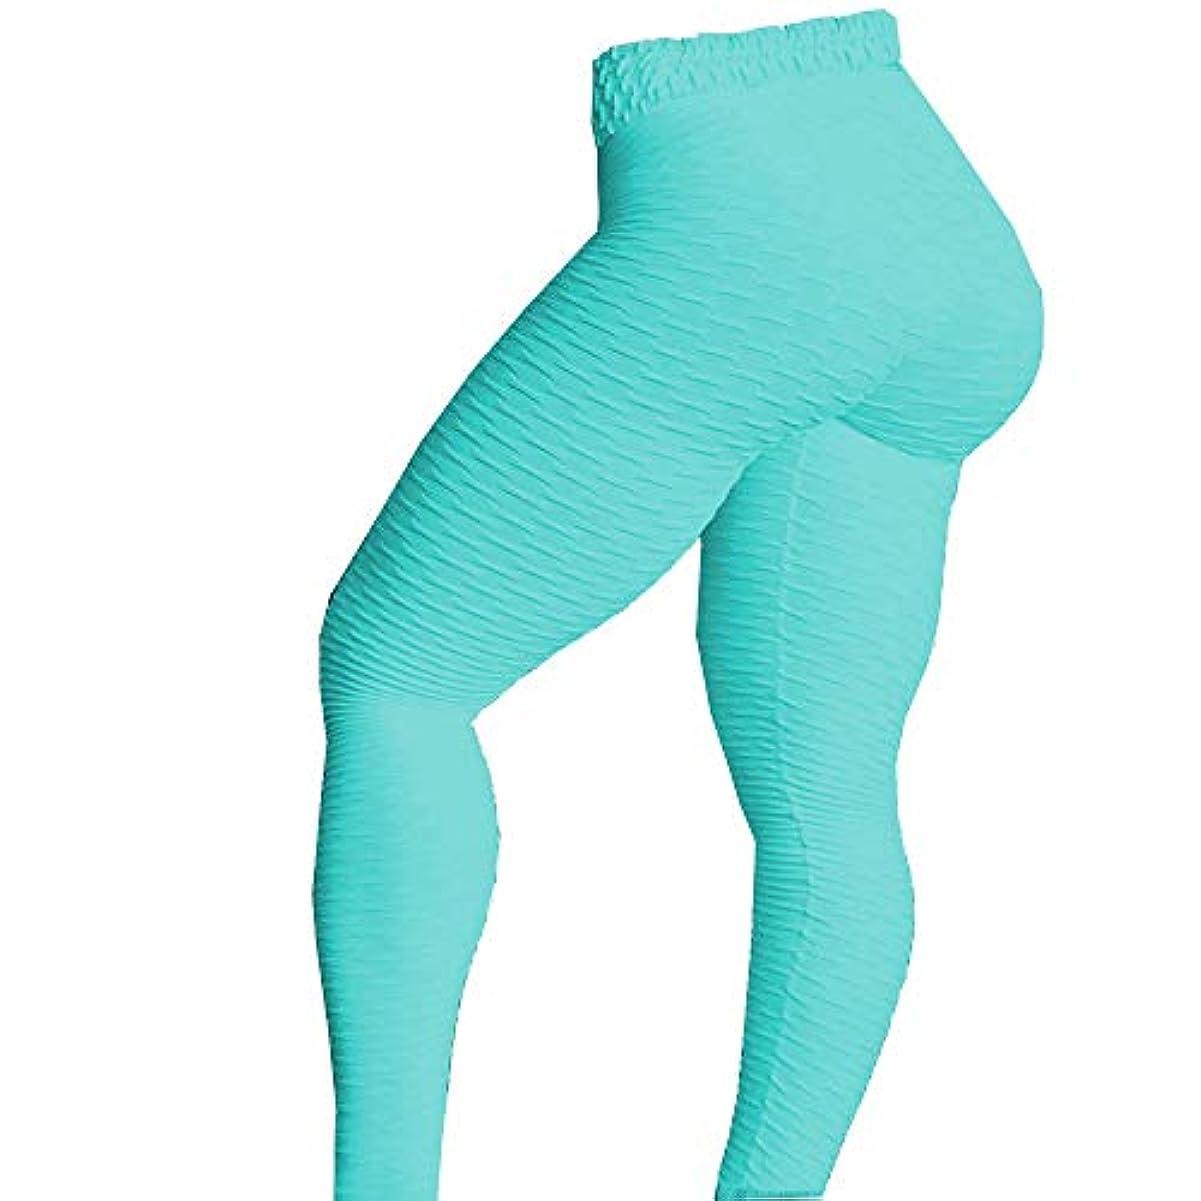 神社の頭の上炭水化物MIFAN パンツ女性、ハイウエストパンツ、スキニーパンツ、ヨガレギンス、女性のズボン、ランニングパンツ、スポーツウェア